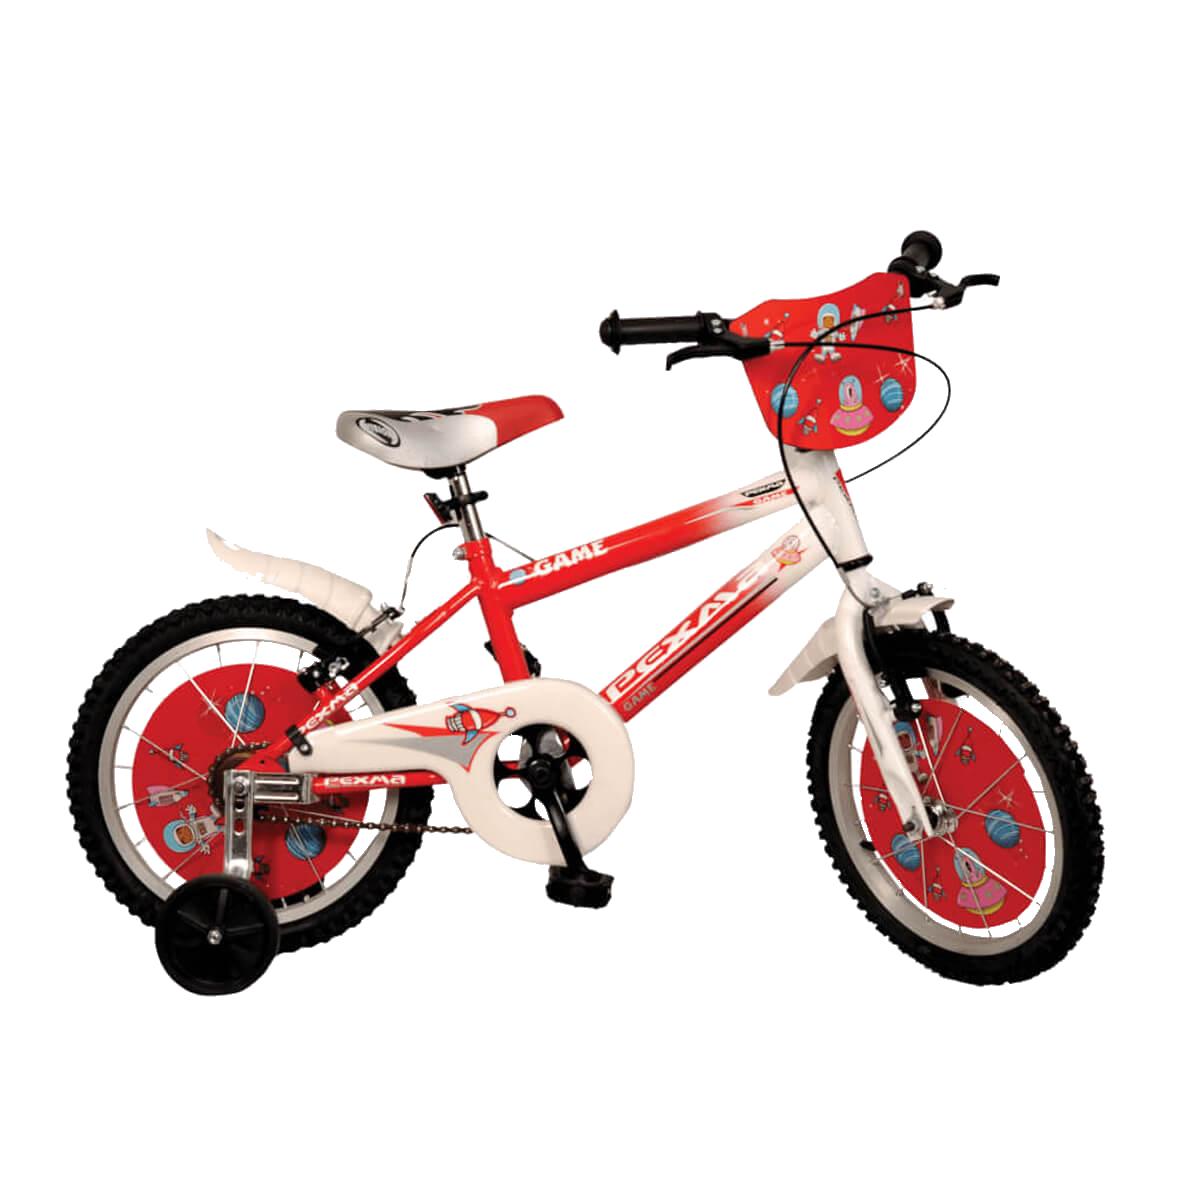 16 Jant Bisiklet